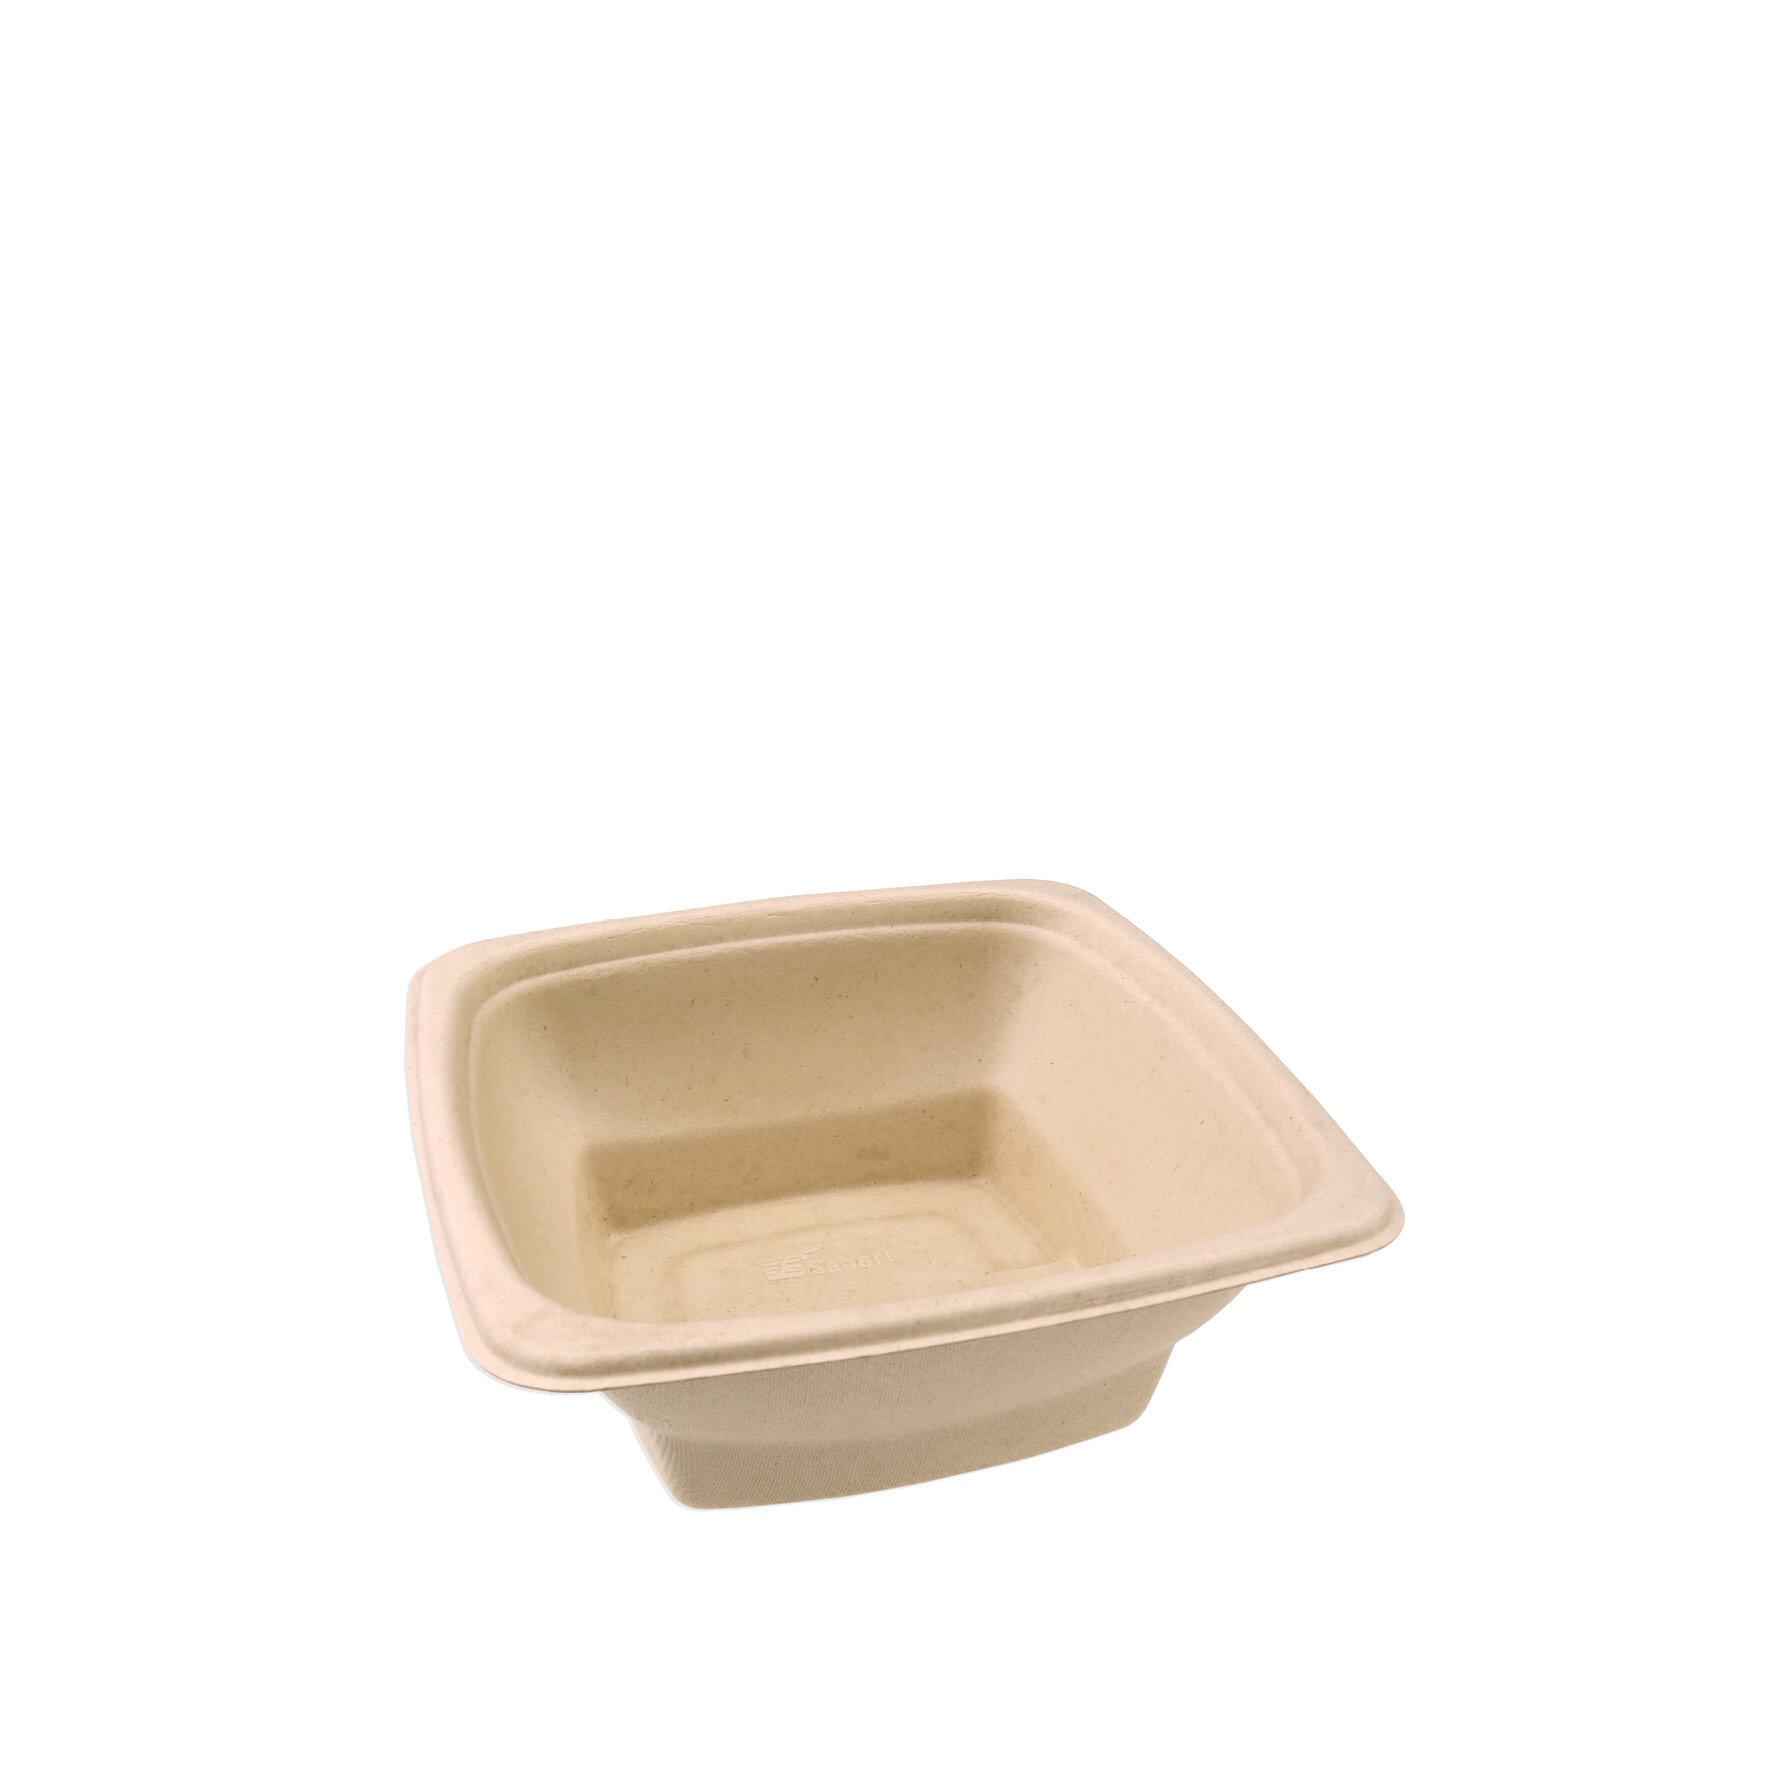 WEBAbowl  Hot2Go aus Bagasse    Schale: -10°C bis +120°C , Deckel: -8°C bis +100°C, Schale und Deckel geeignet für Mikrowelle, industriell kompostierbar, stapelbar